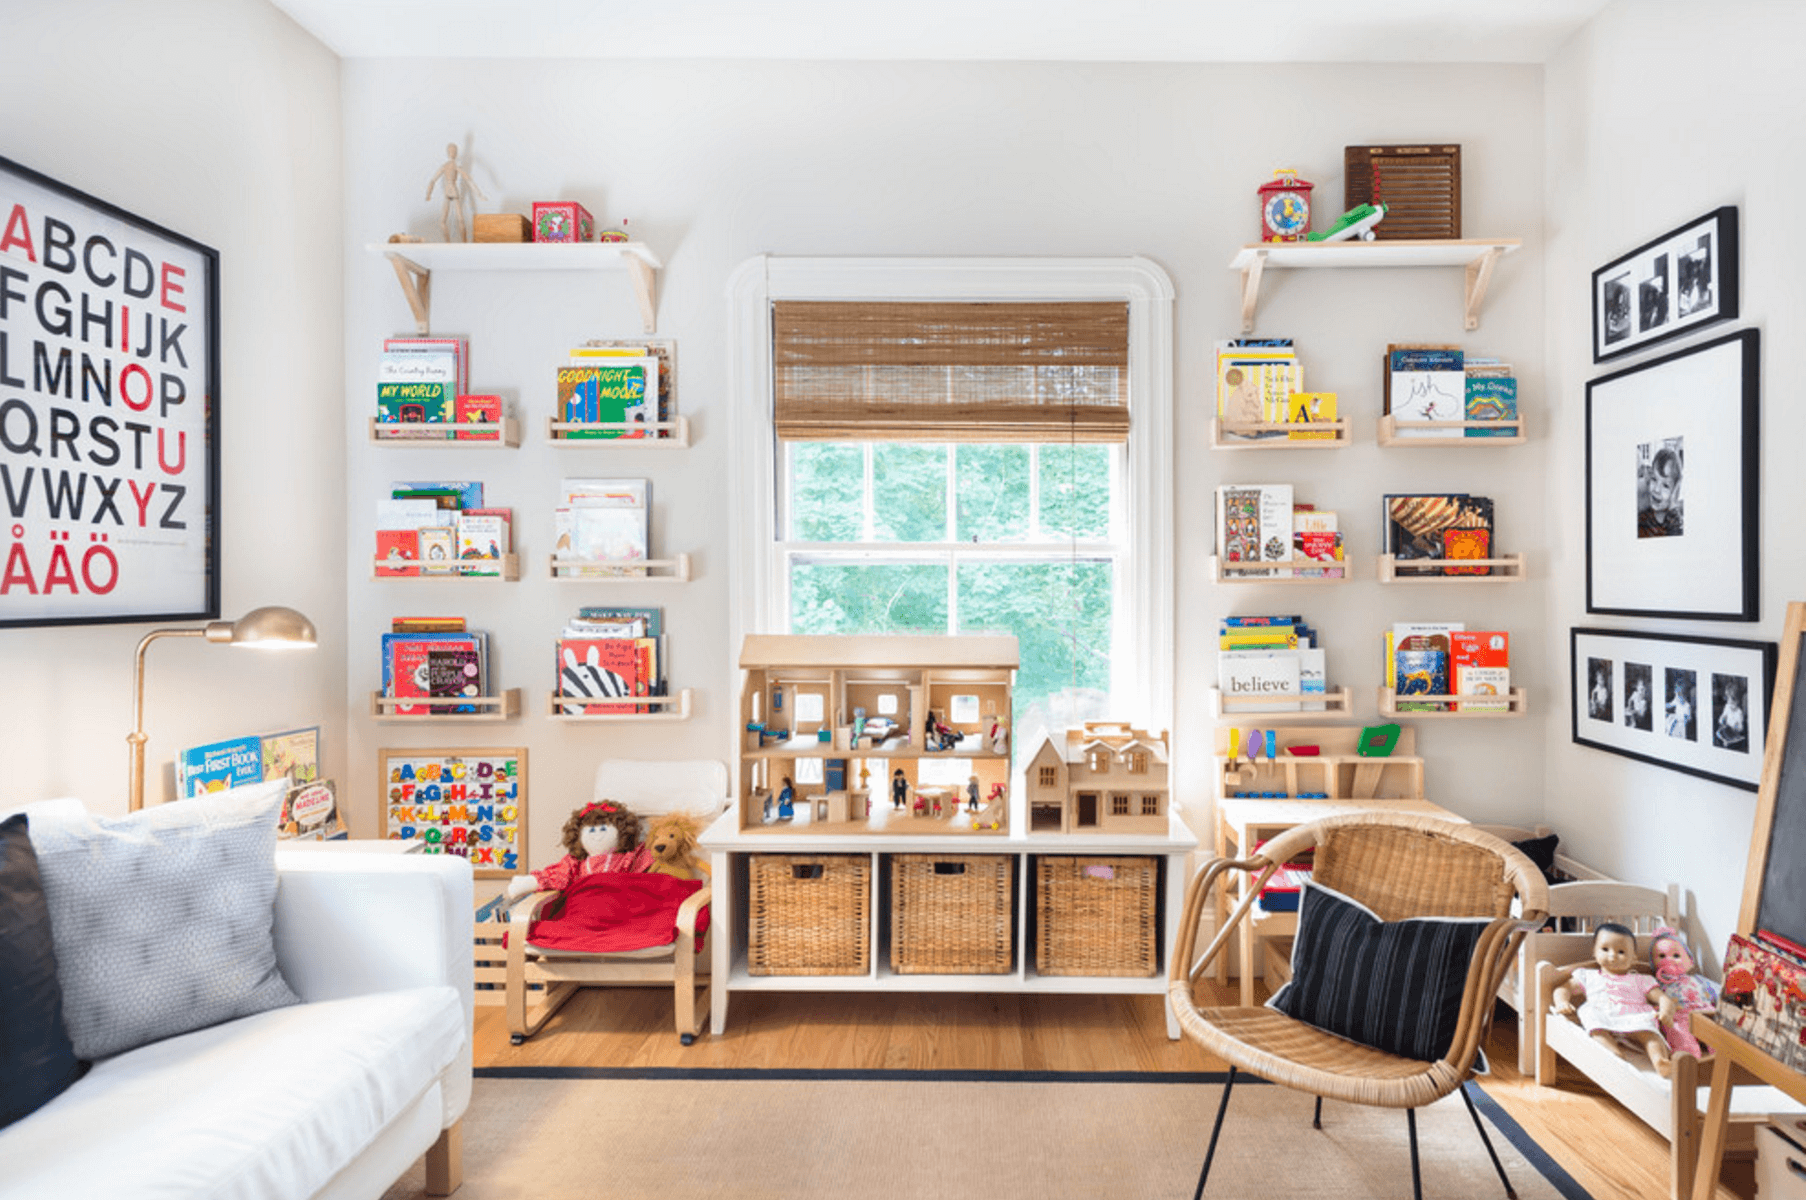 آموزش مرحله به مرحله طراحی دکوراسیون اتاق خواب کودک